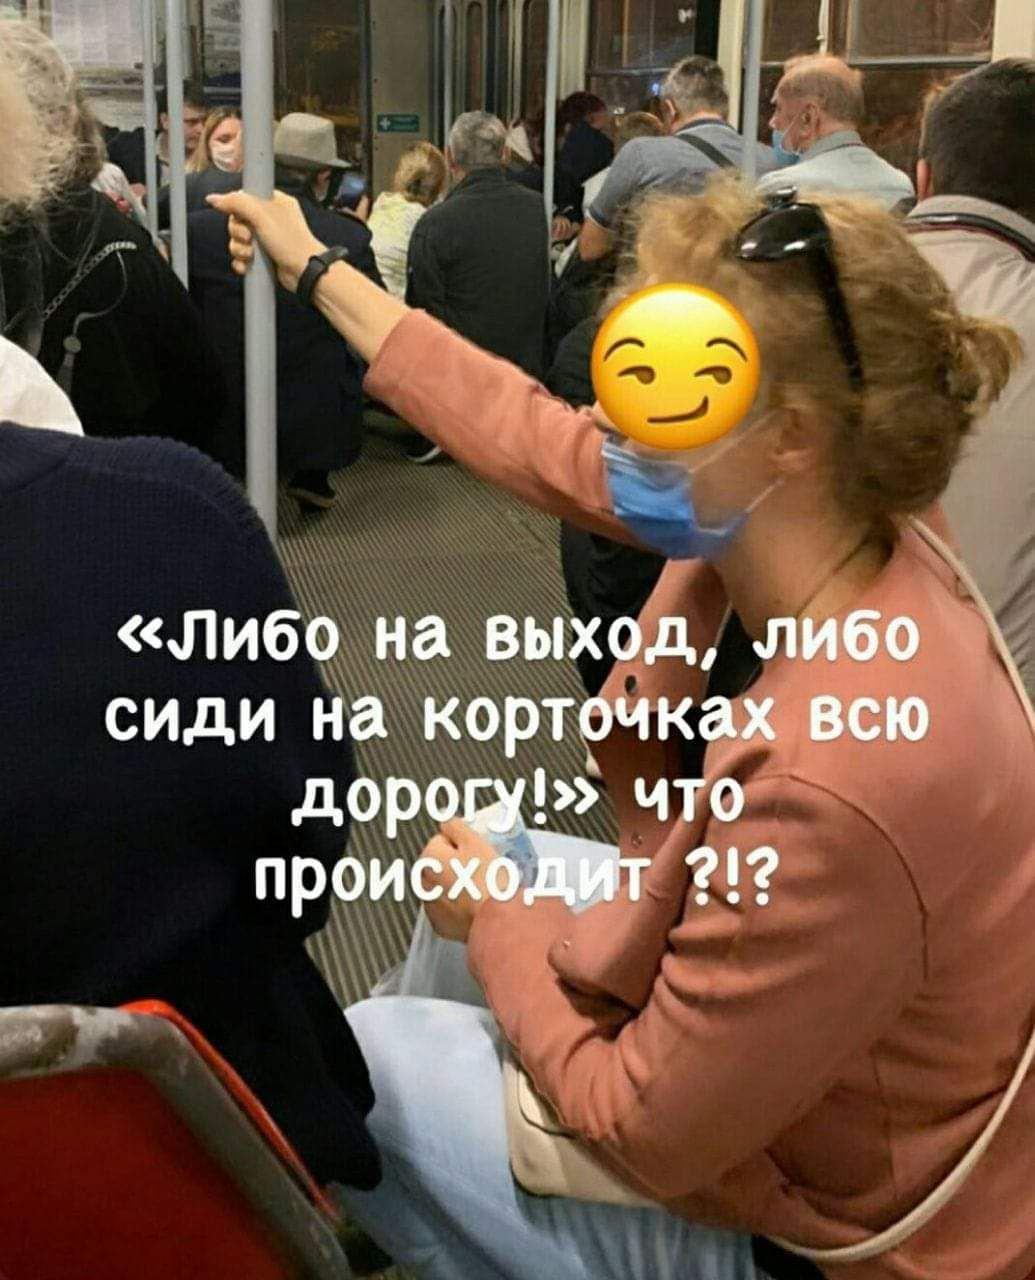 Фото: телеграм-канал Курс Одесса